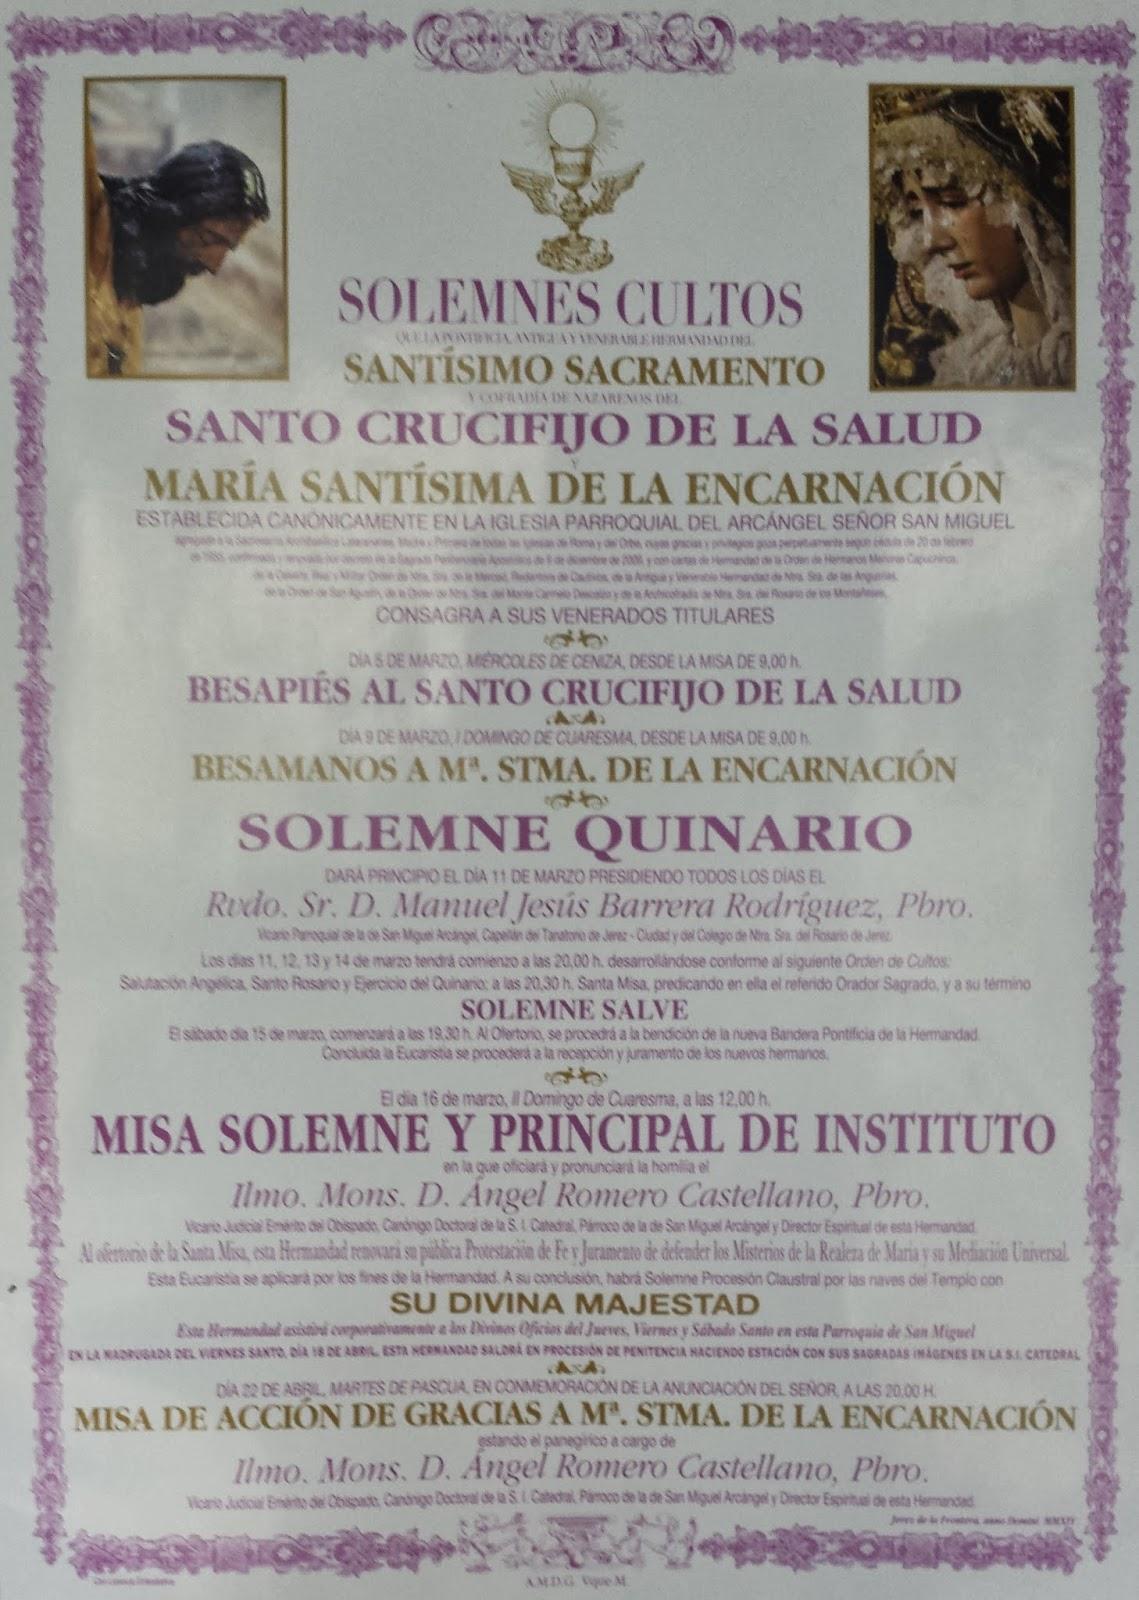 Cultos de la hermandad del Santo Crucifijo de la Salud y María Stma de la Encarnación